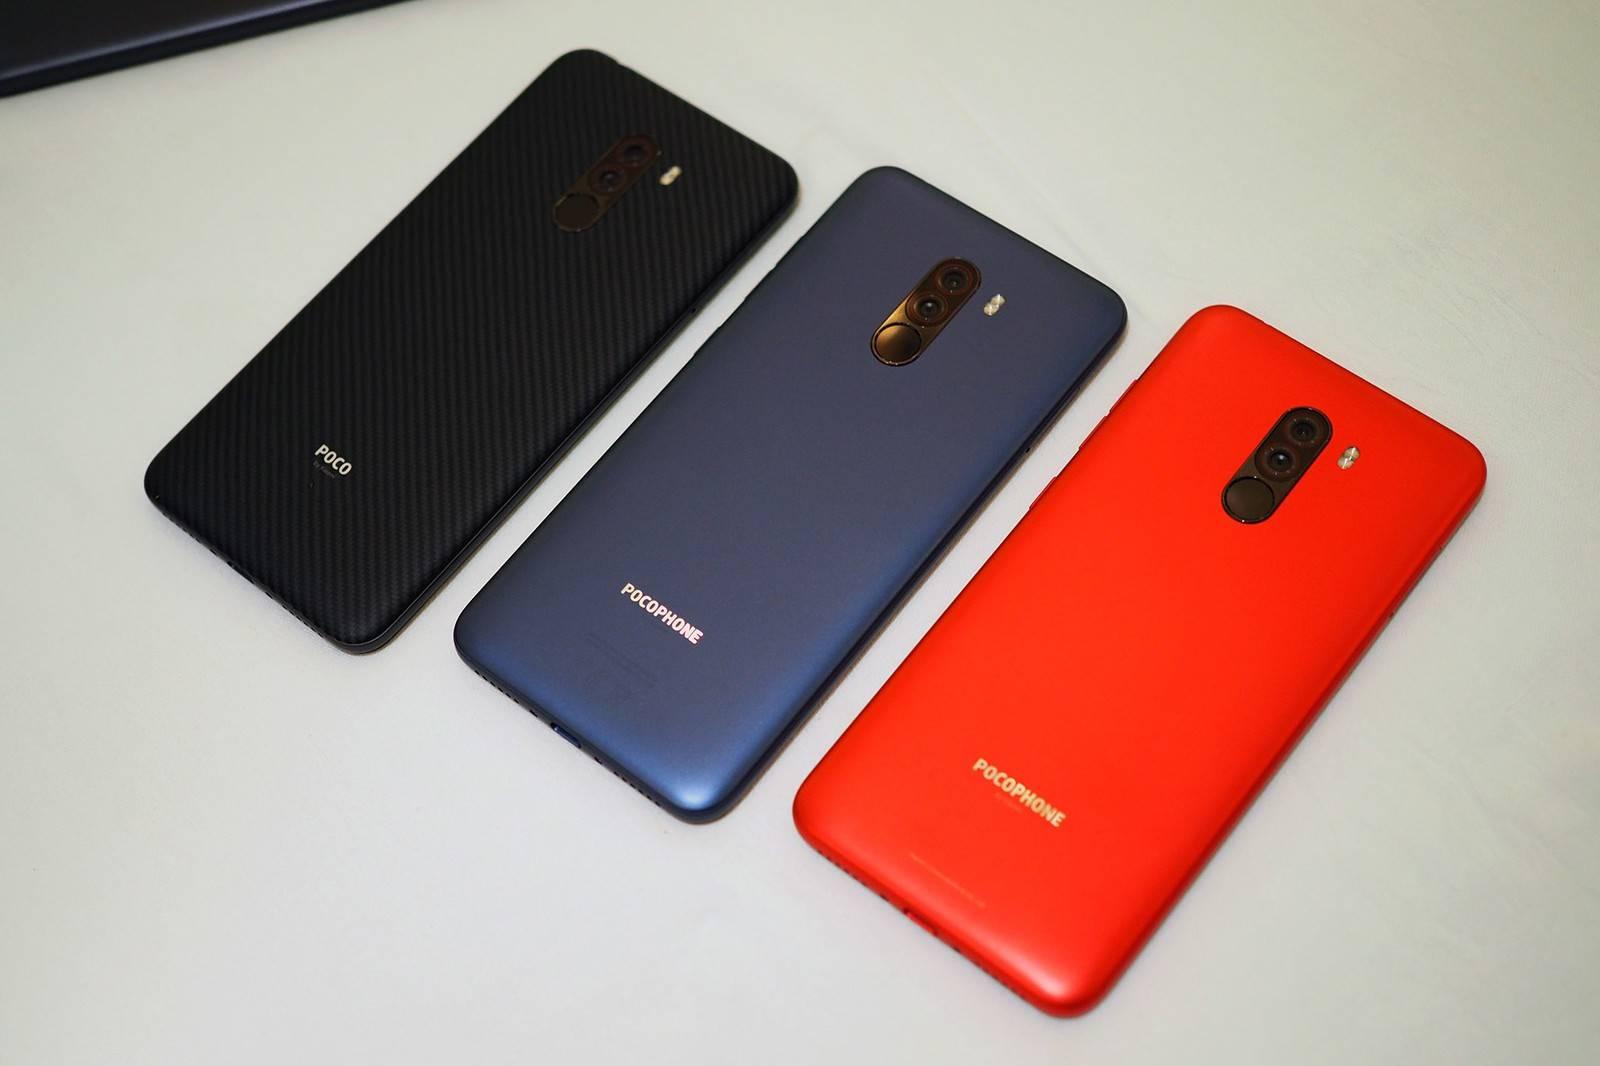 POCO F1 Telefon Android UIMITOR 2POCO F1 Telefon Android UIMITOR 2